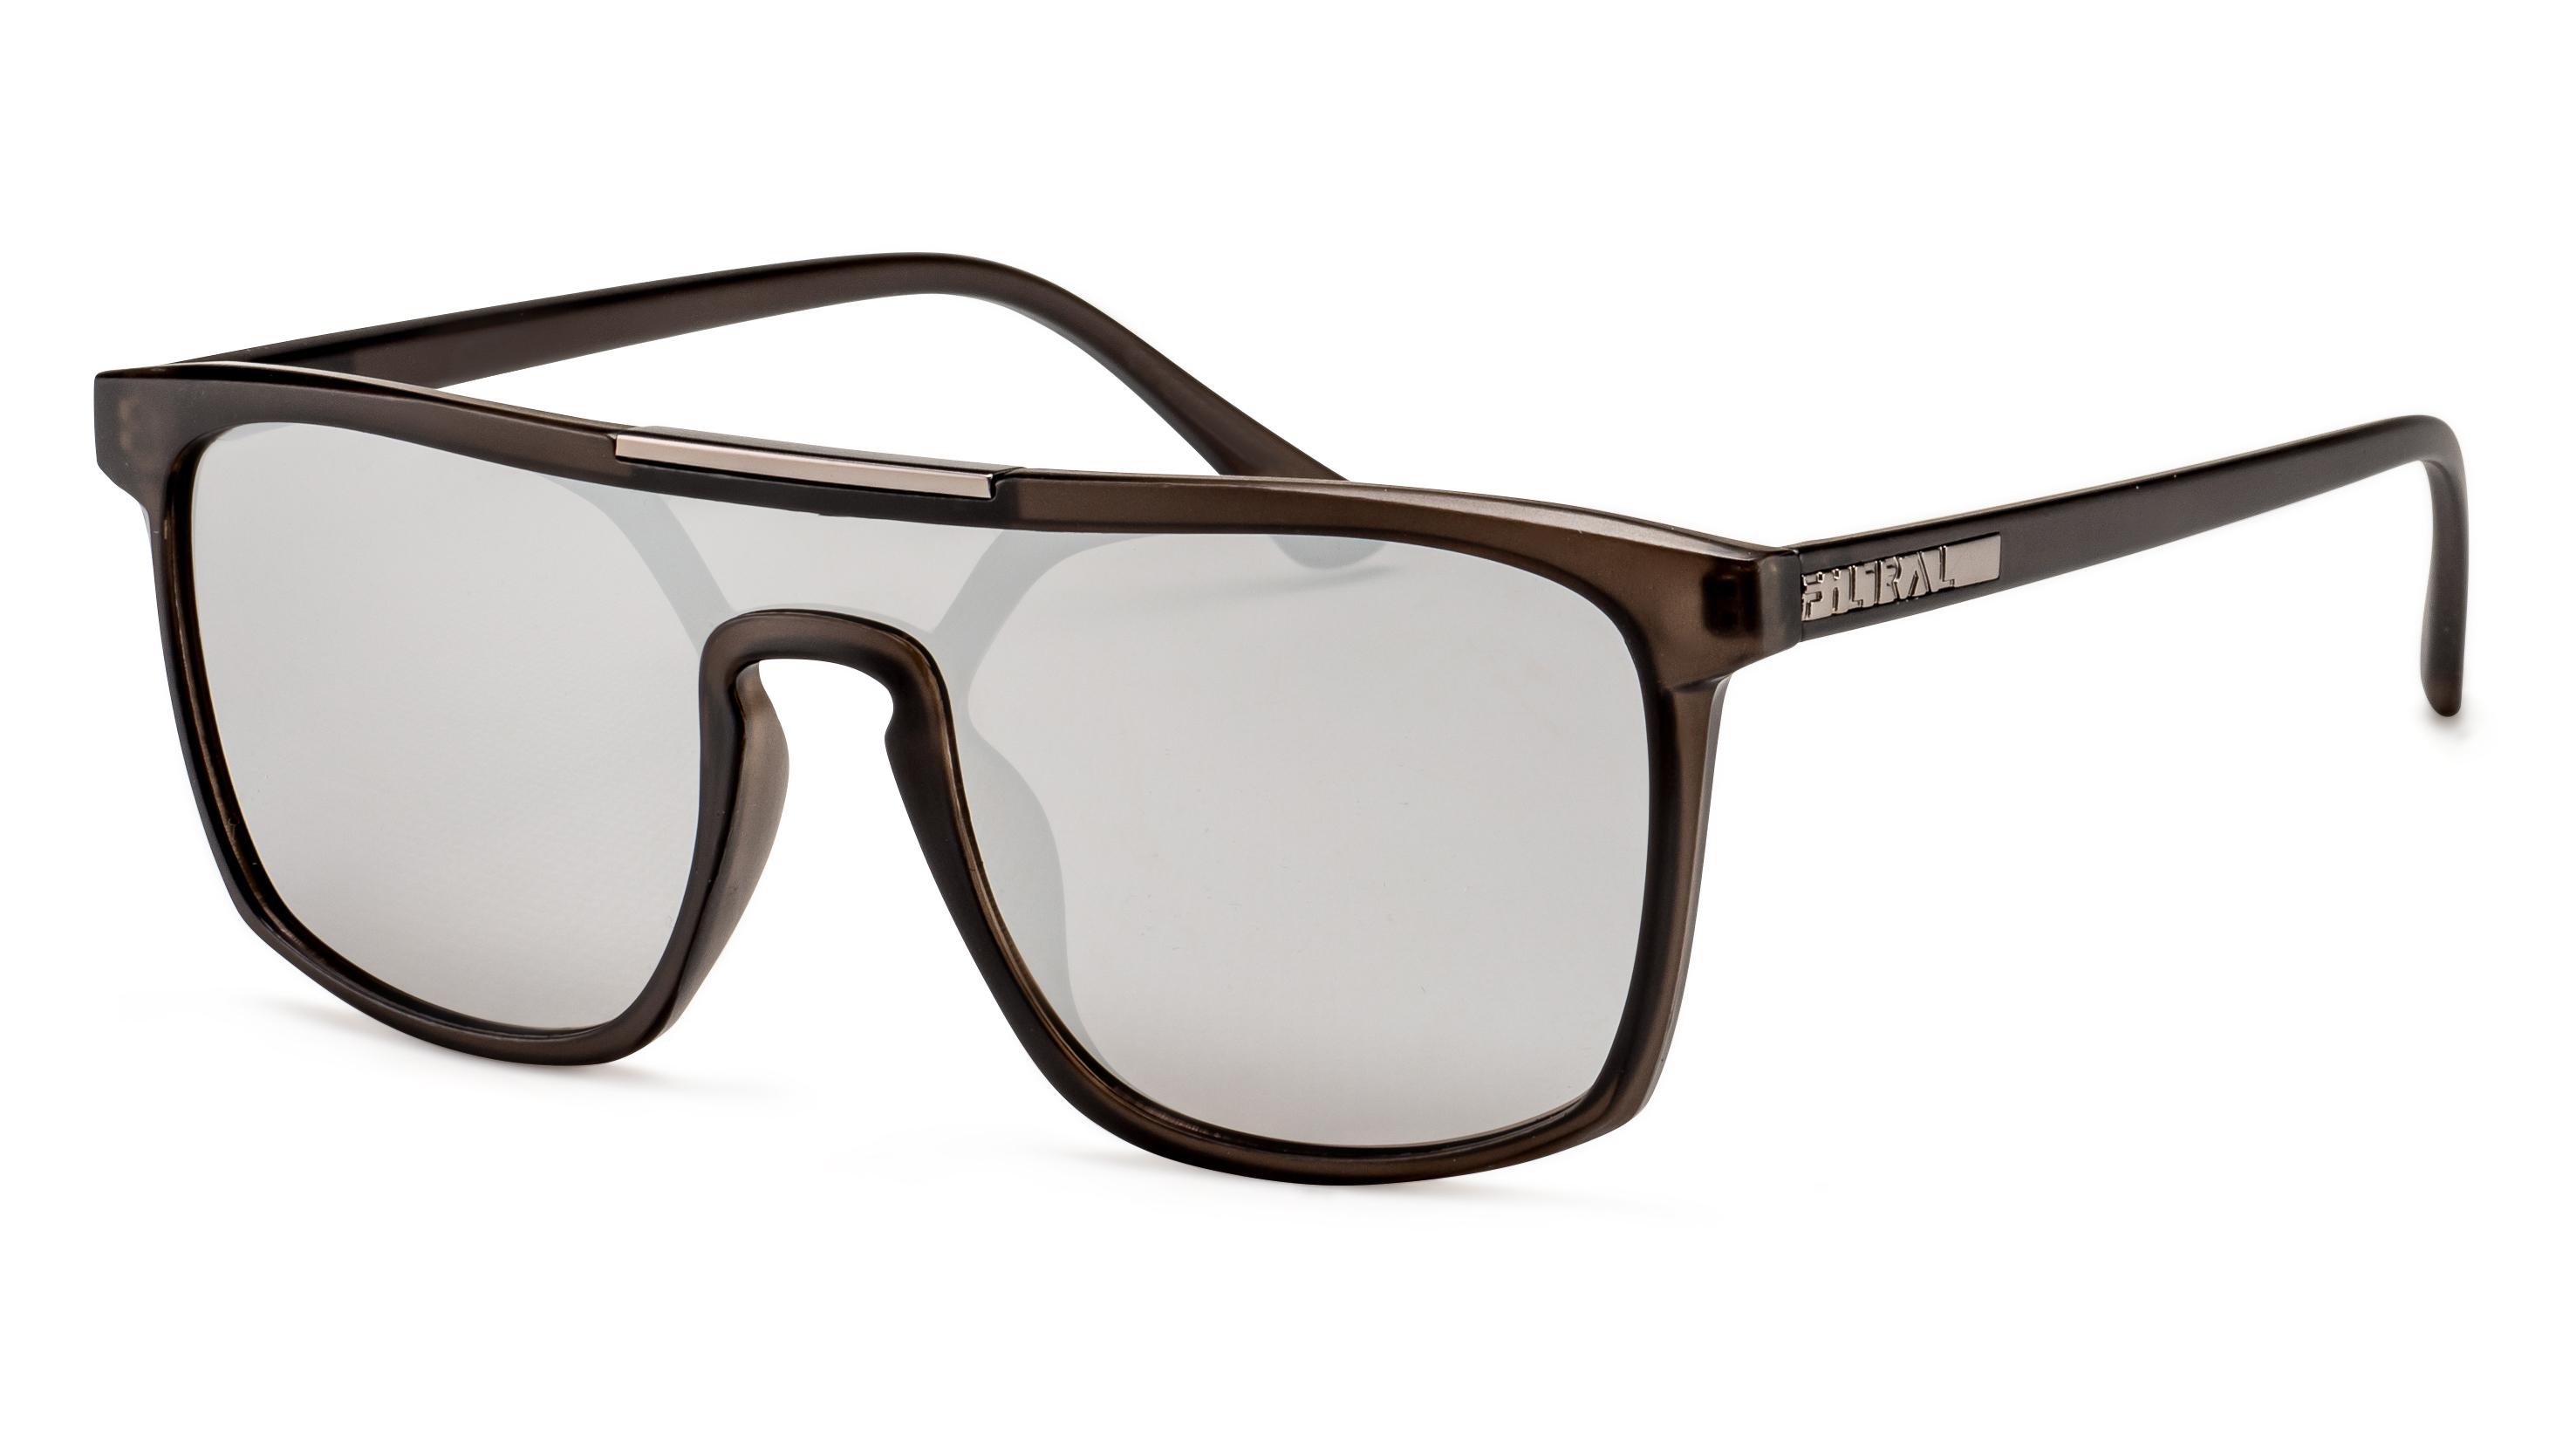 Main view sunglasses 3001019